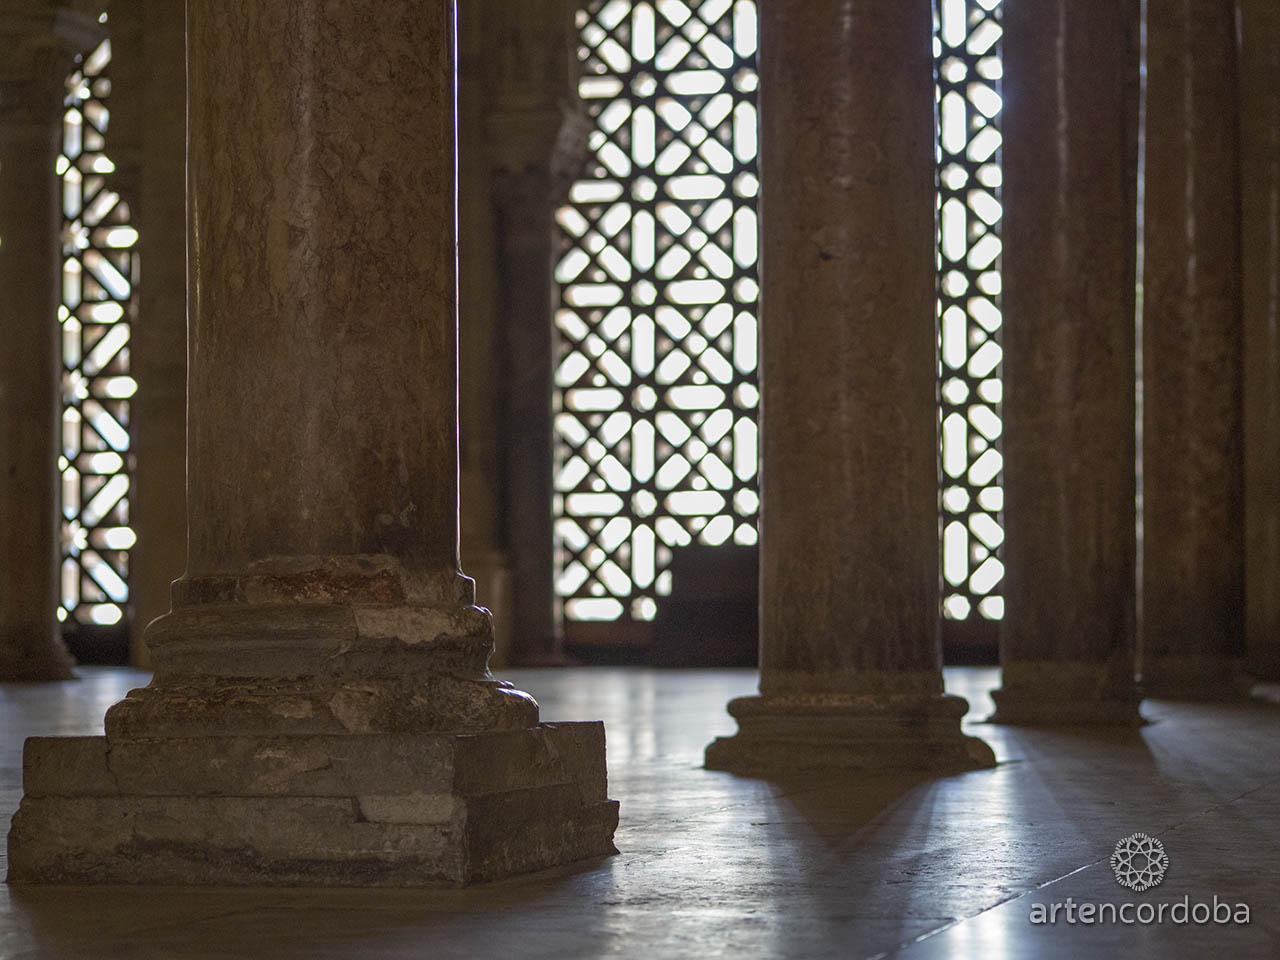 Detalle del arranque de las columnas en la Mezquita-Catedral de Córdoba